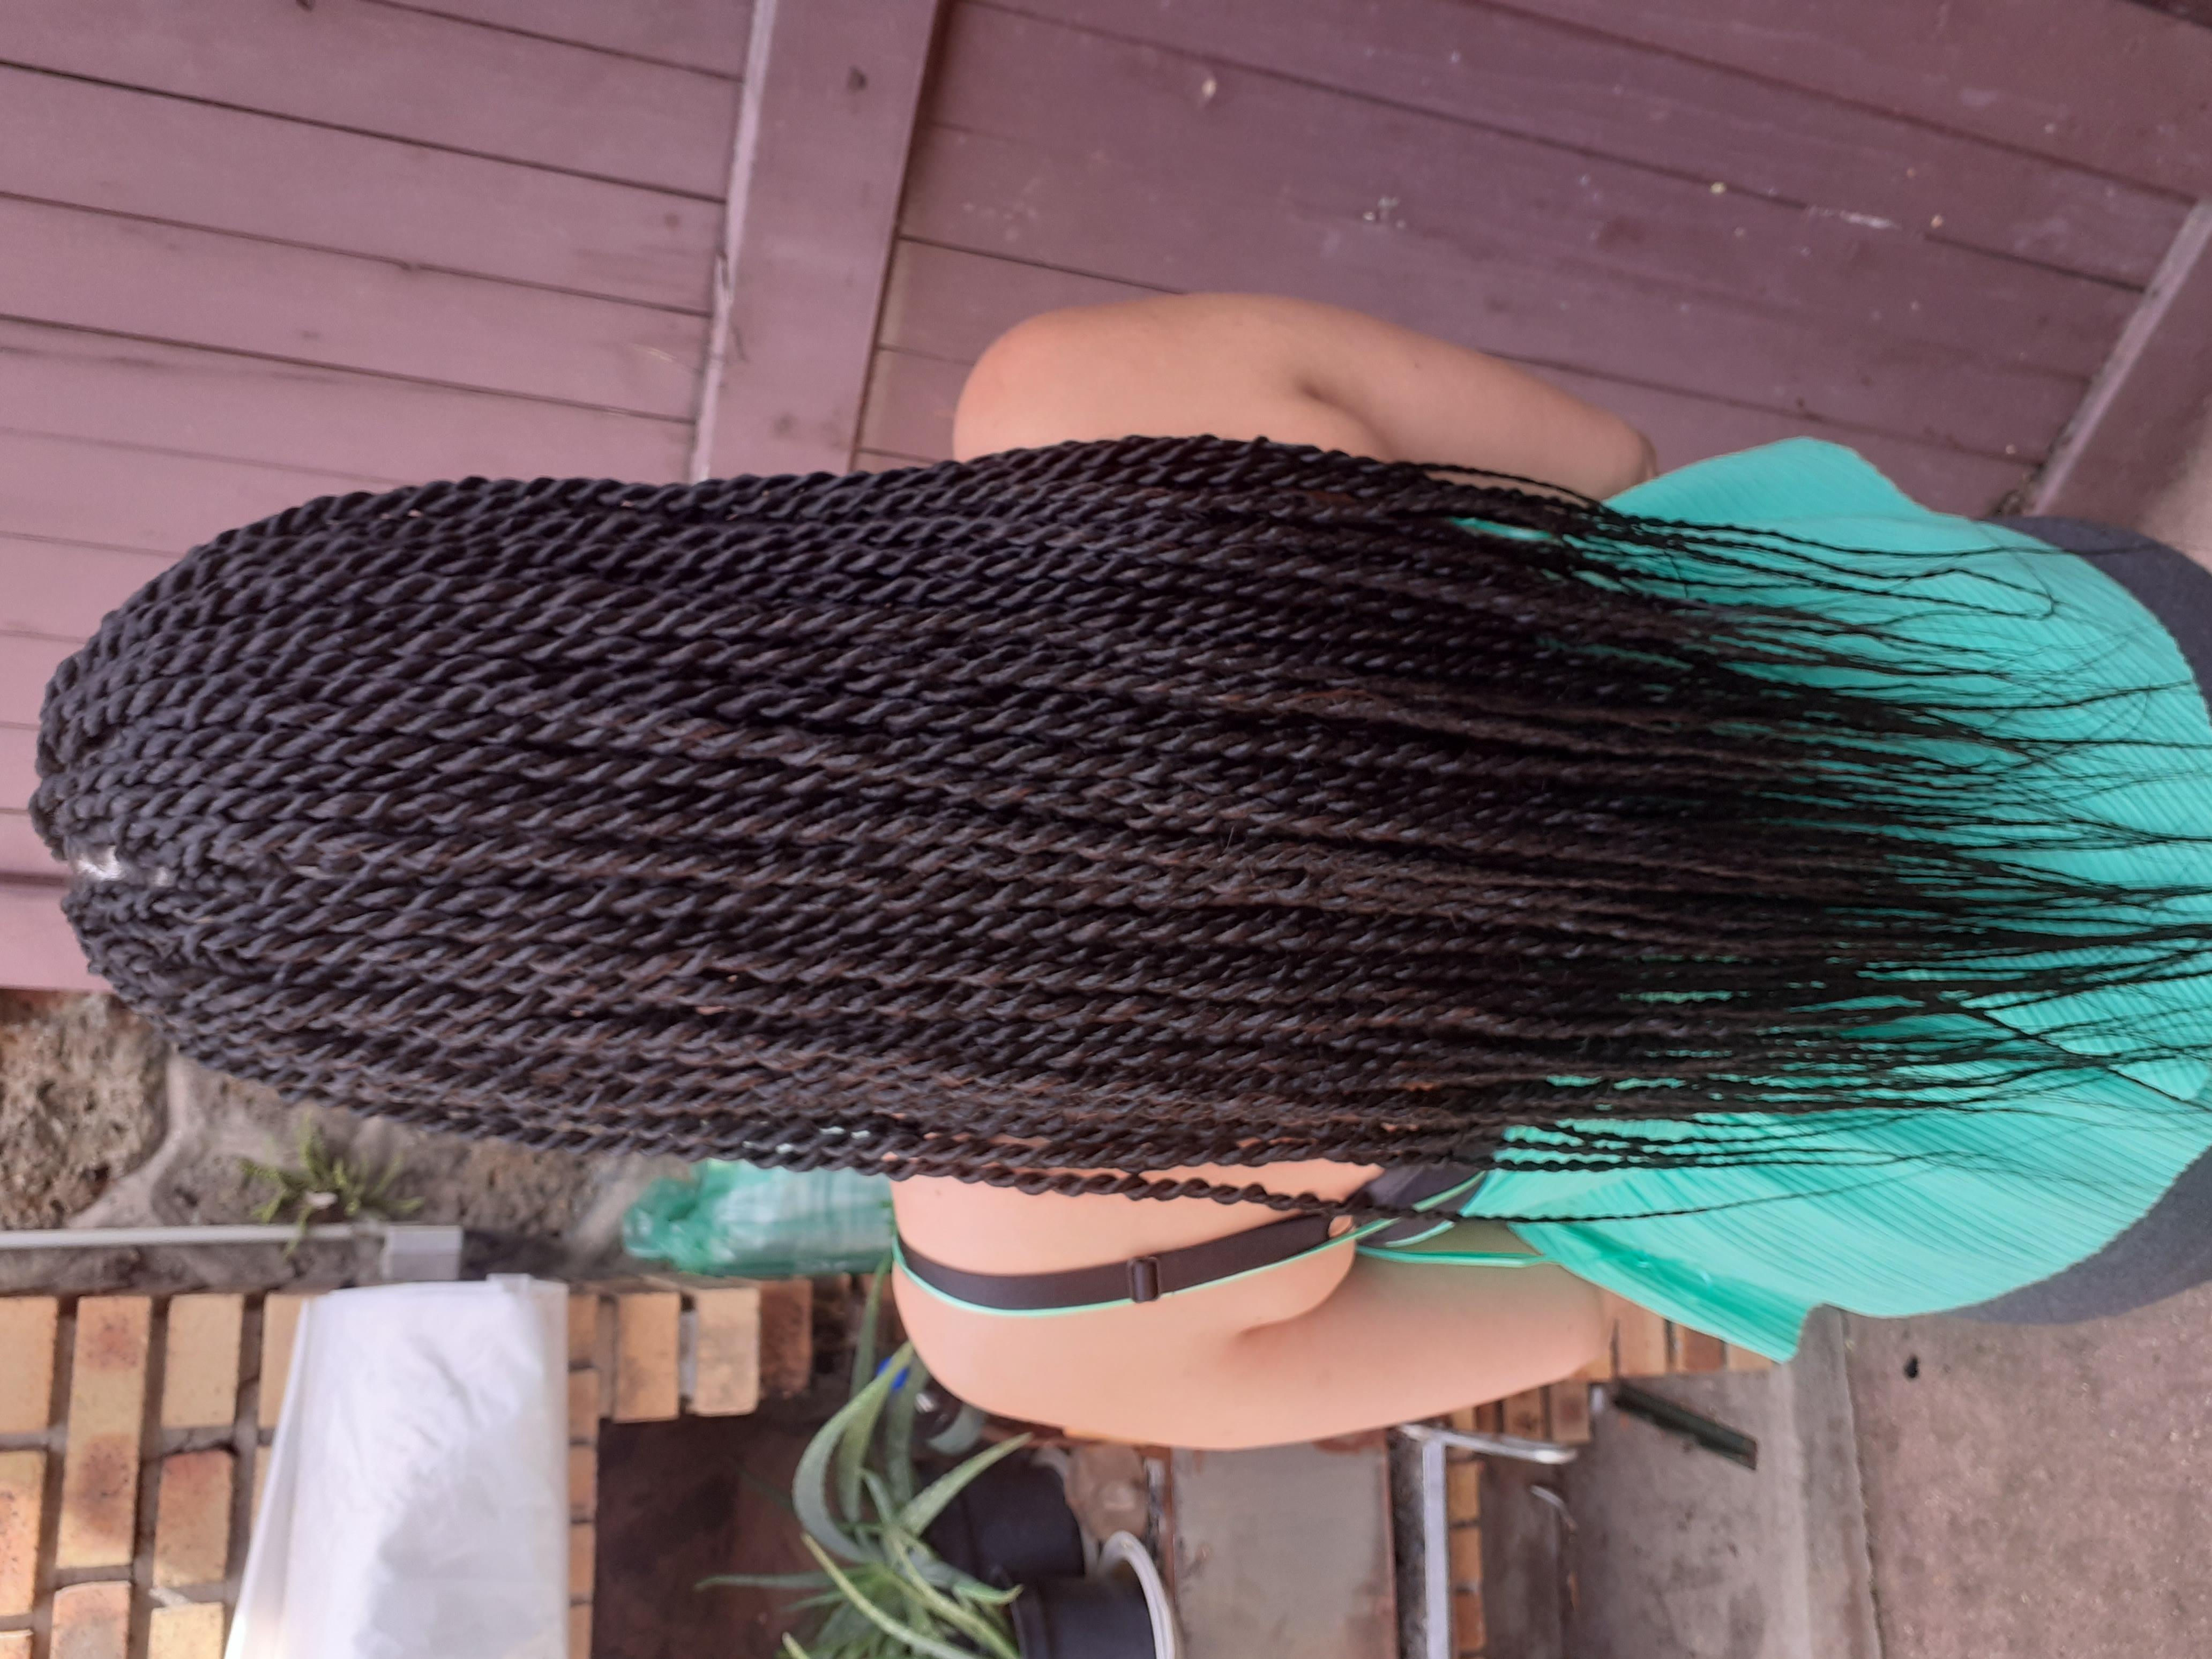 salon de coiffure afro tresse tresses box braids crochet braids vanilles tissages paris 75 77 78 91 92 93 94 95 NMFUORTG